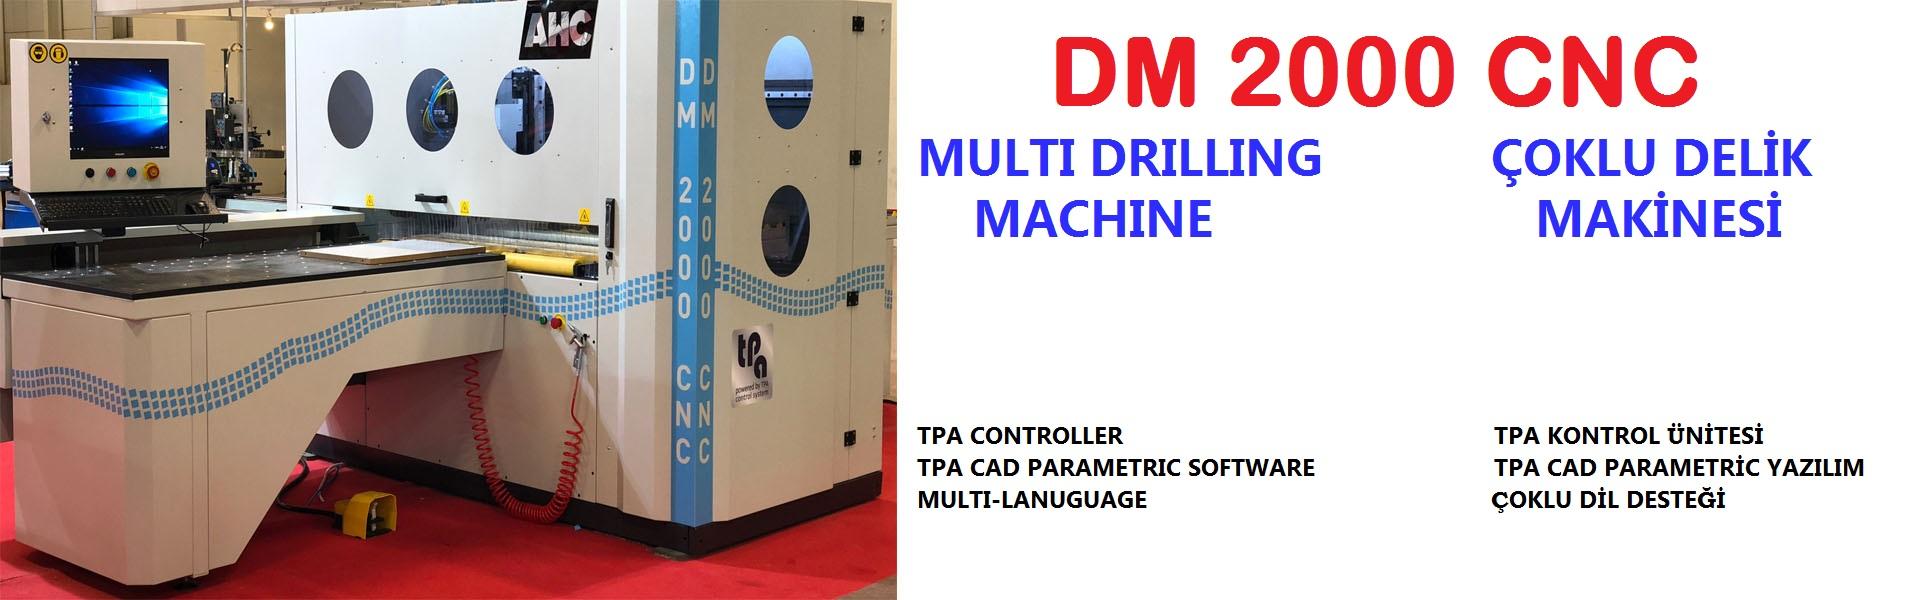 Ahc Makine Kapı Ebatlama Makinesi